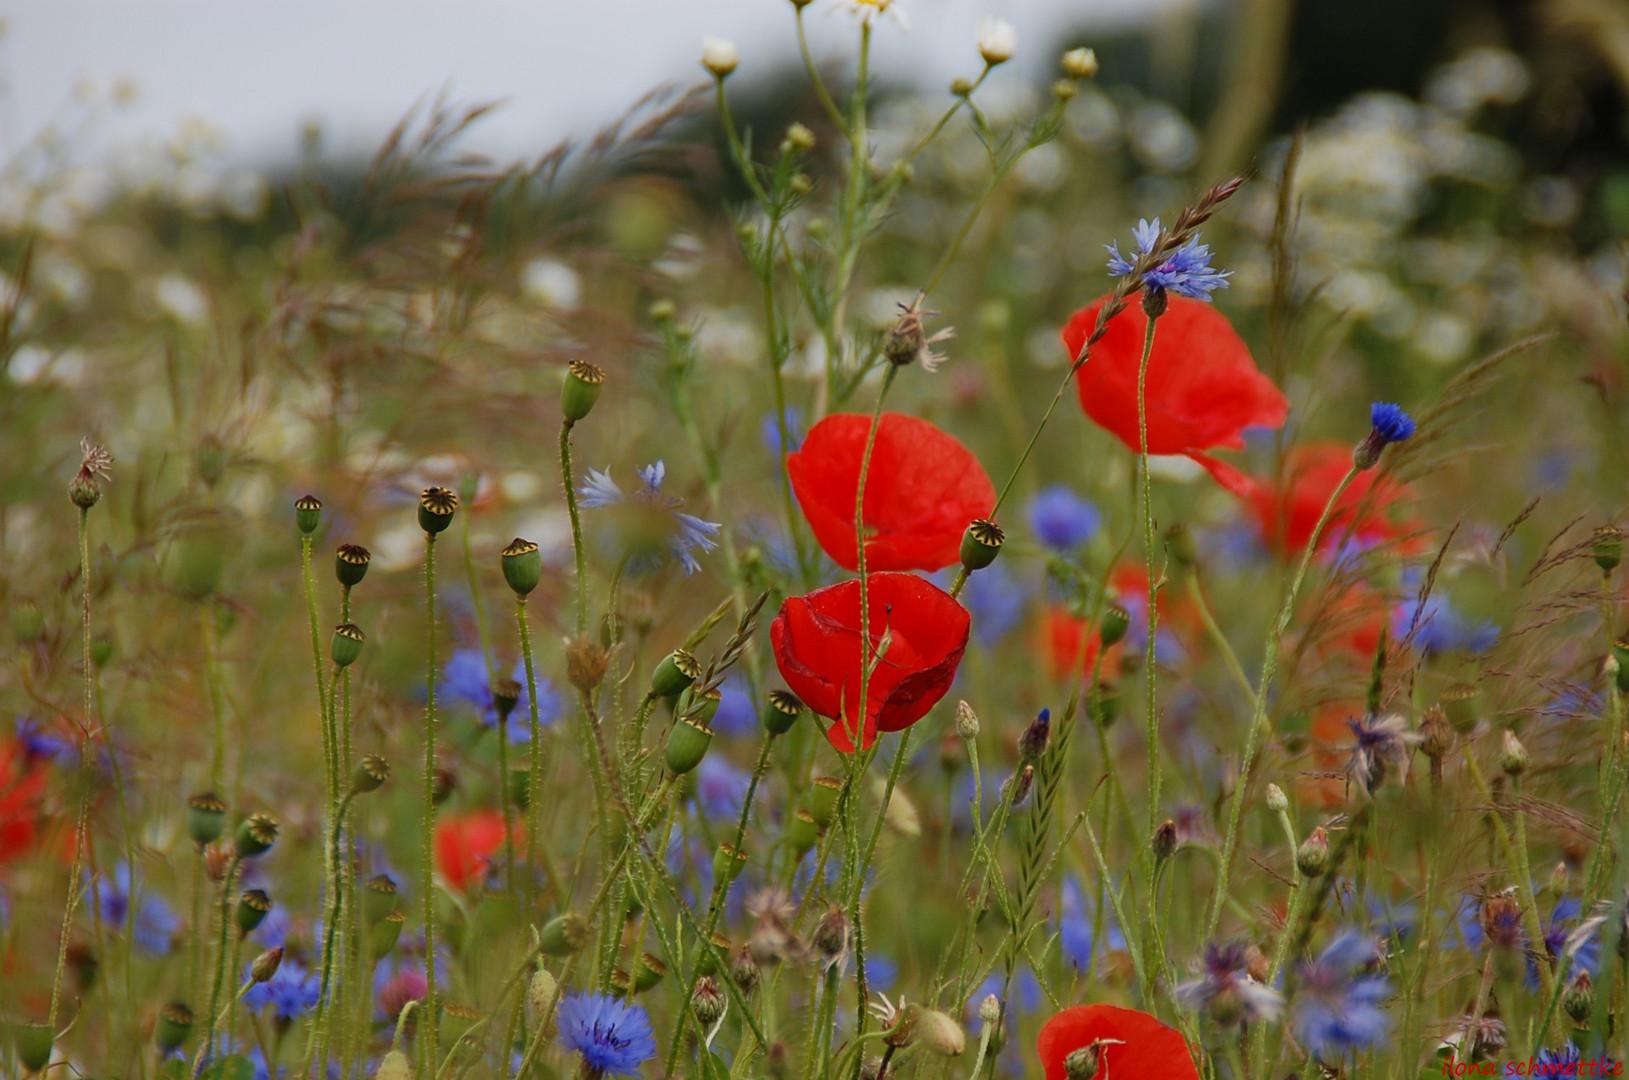 Blumenwiese im Juni